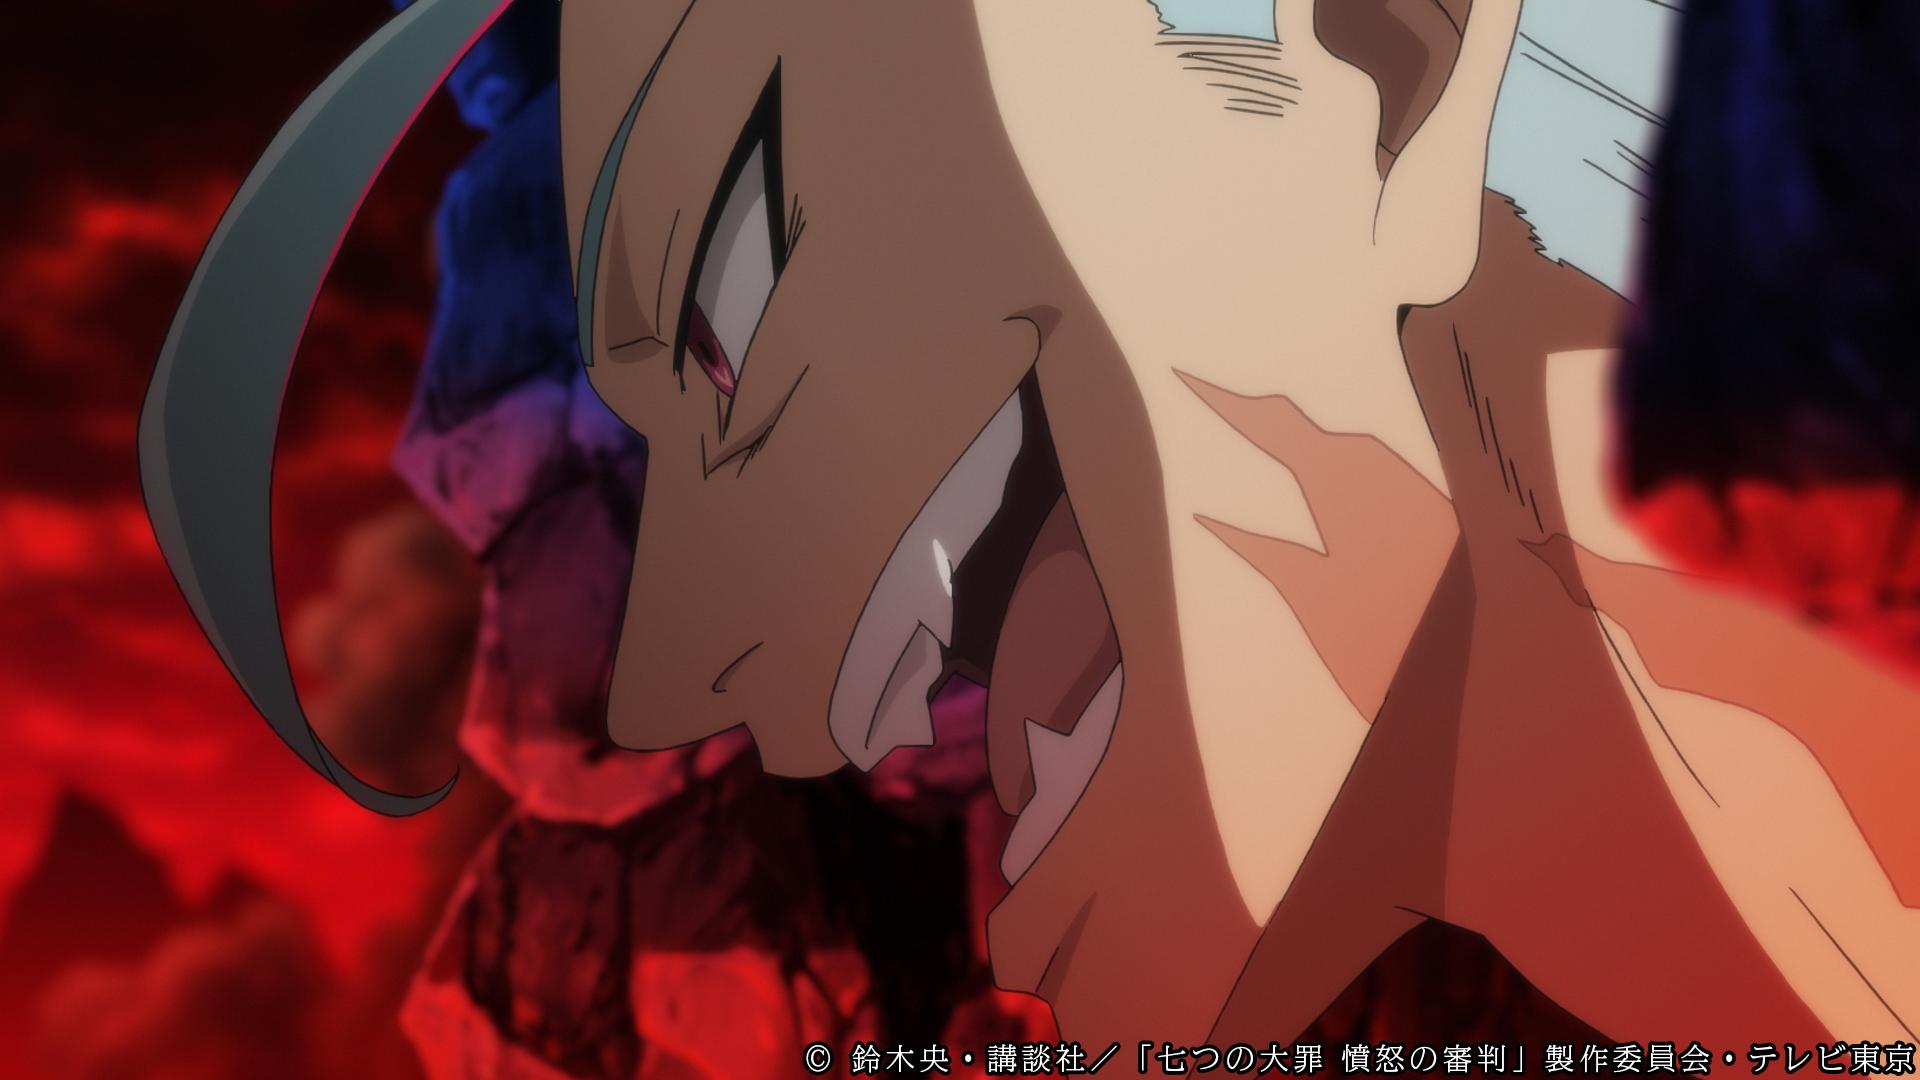 TVアニメ「七つの大罪 憤怒の審判」新規映像が盛りだくさんの第2弾PV公開!エンディングテーマも初解禁